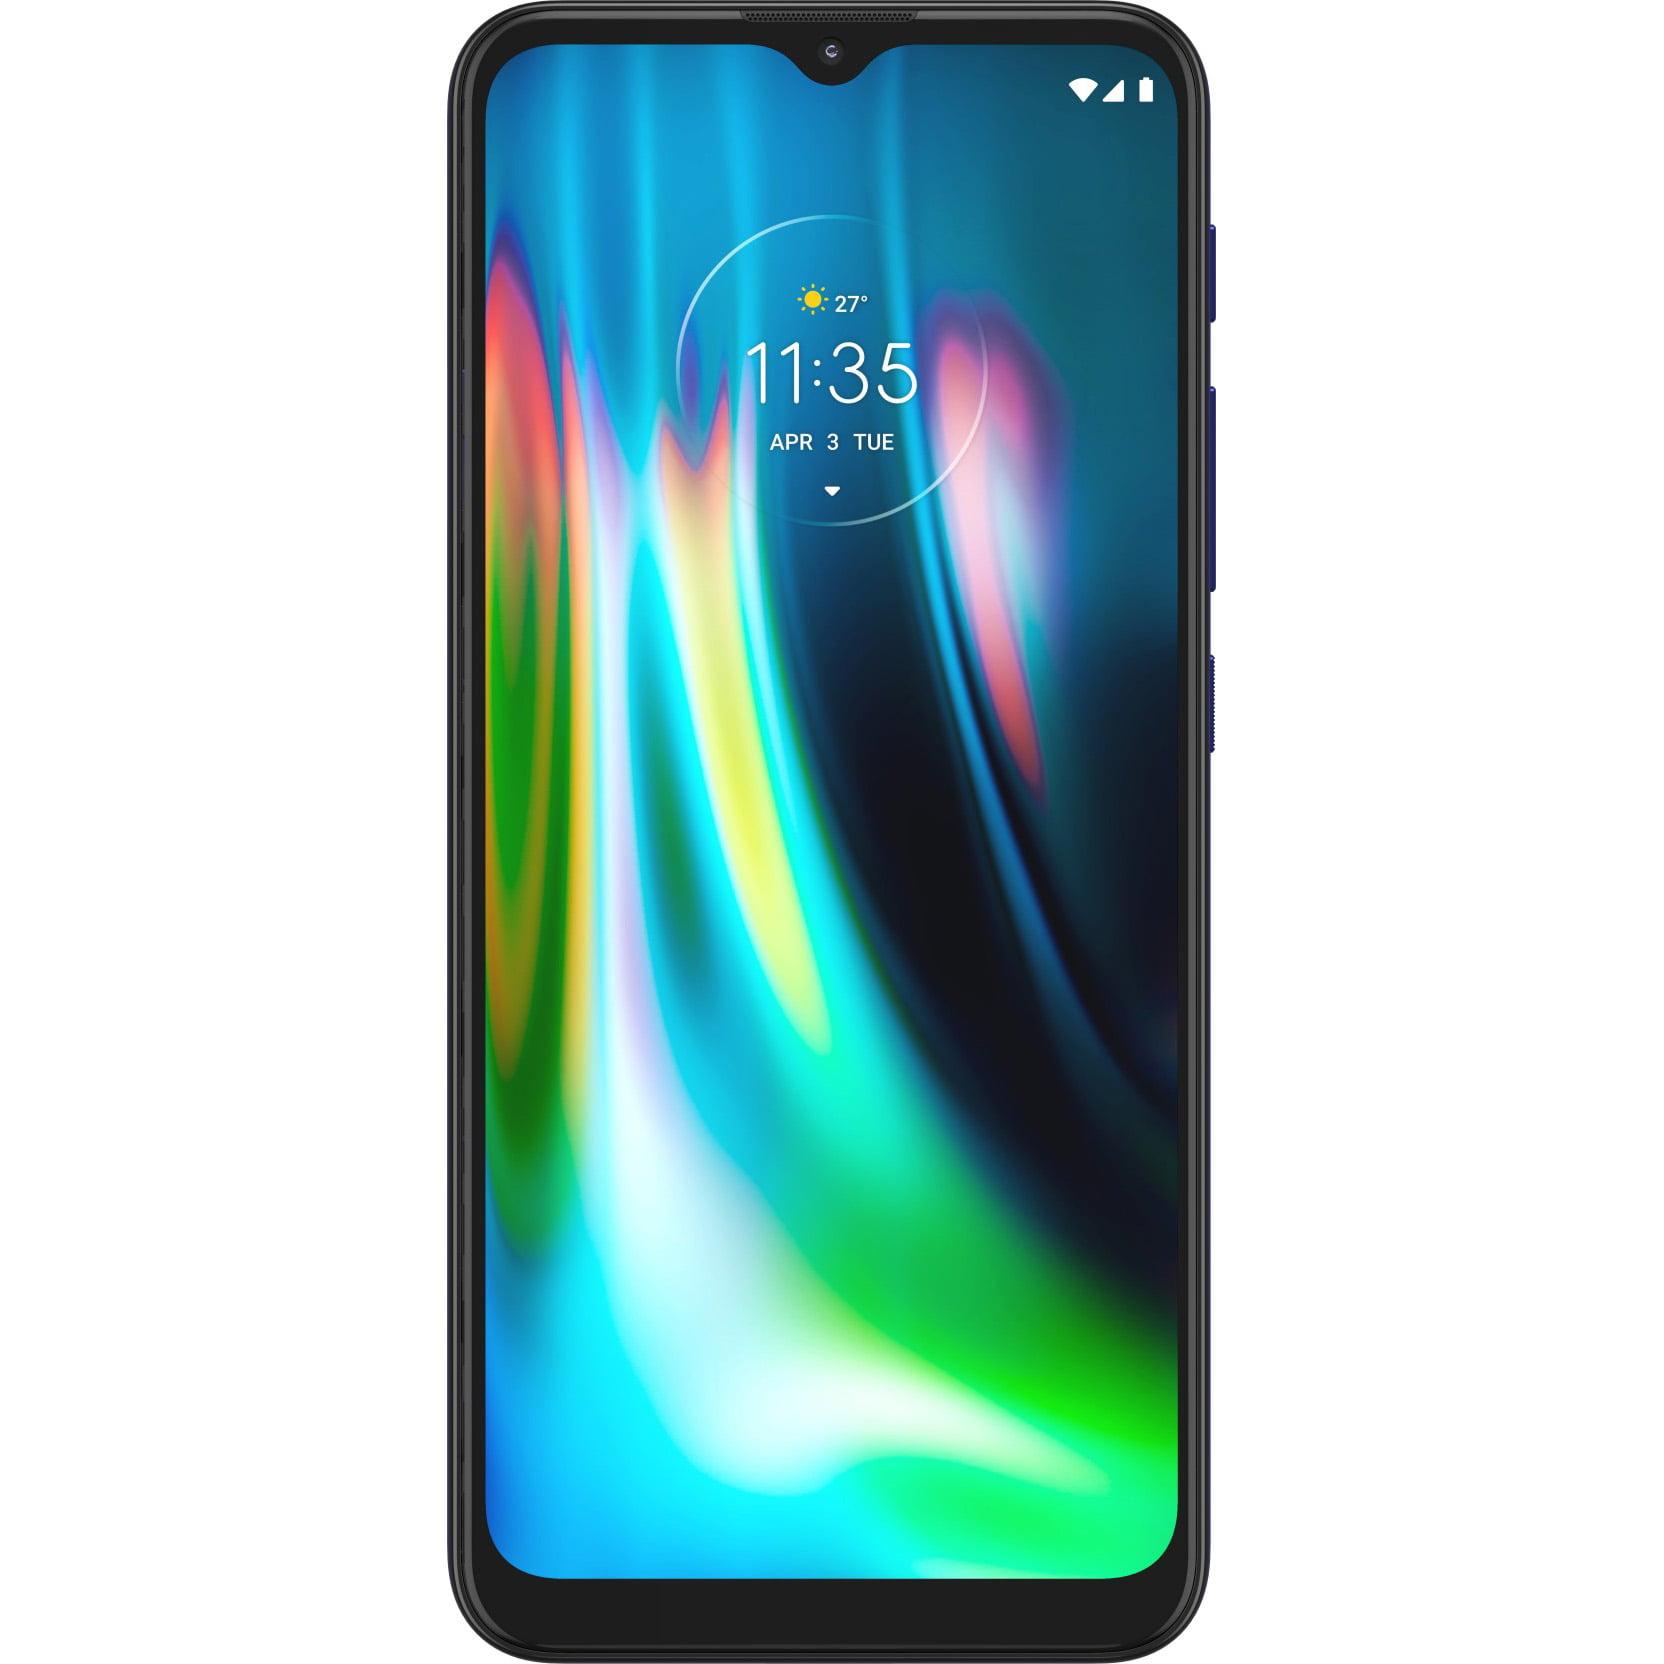 Telefon mobil Motorola Moto G9 Play, Dual SIM, 64GB, 4GB RAM, 4G, Sapphire Blue